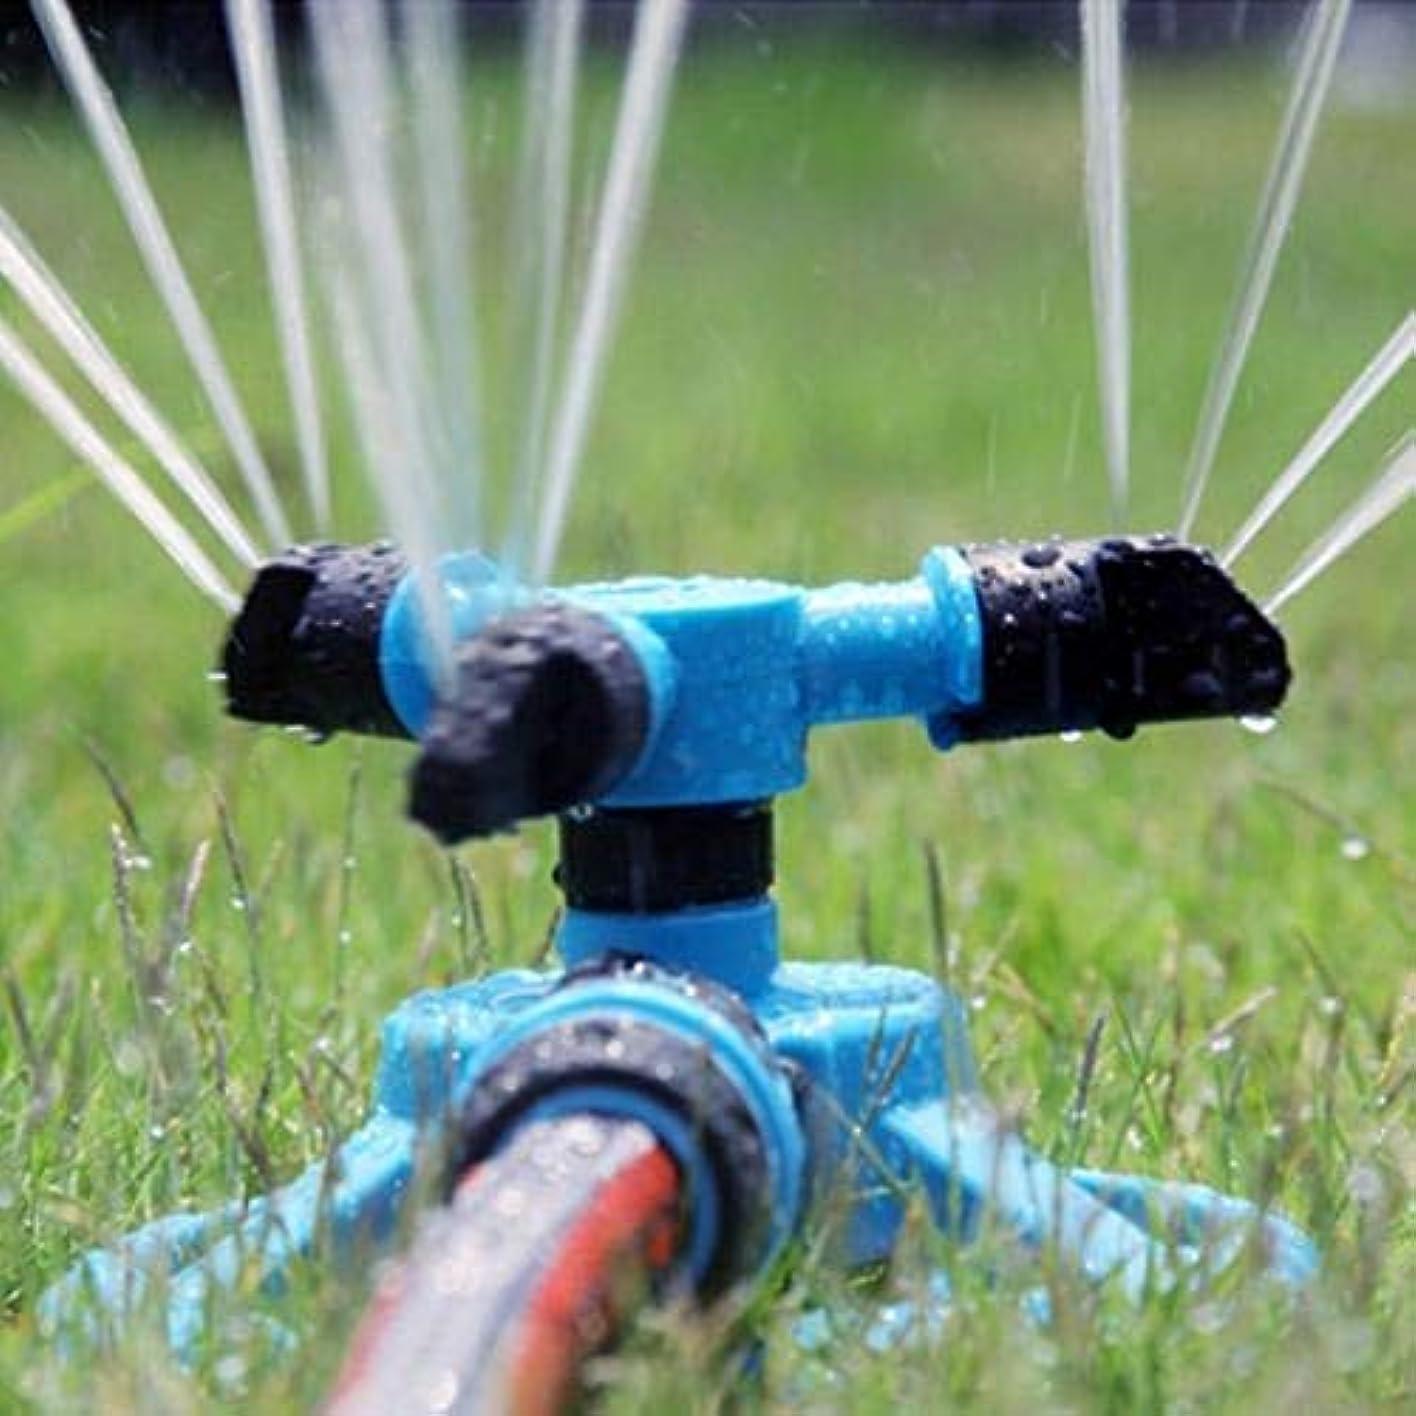 ホップ子音くさび360度ガーデン水スプリンクラー芝生サークル回転水スプリンクラー3ノズルガーデンパイプホース灌漑スプレー(色:青)